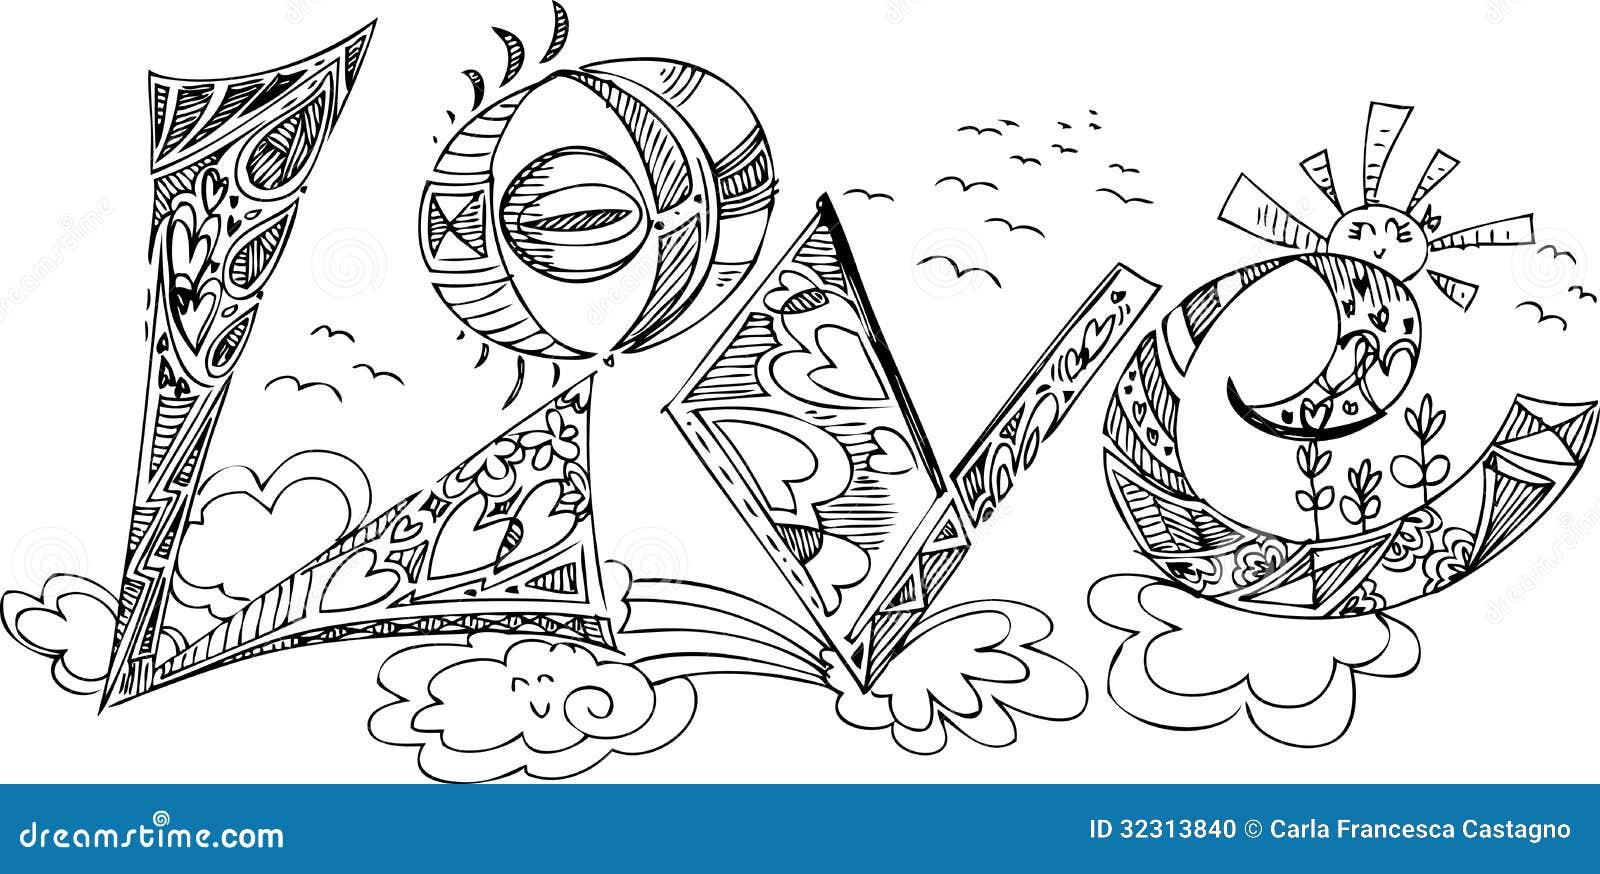 Frida Kahlo Kawaii Para Colorear: LOVE Sketchy Doodles Stock Photo